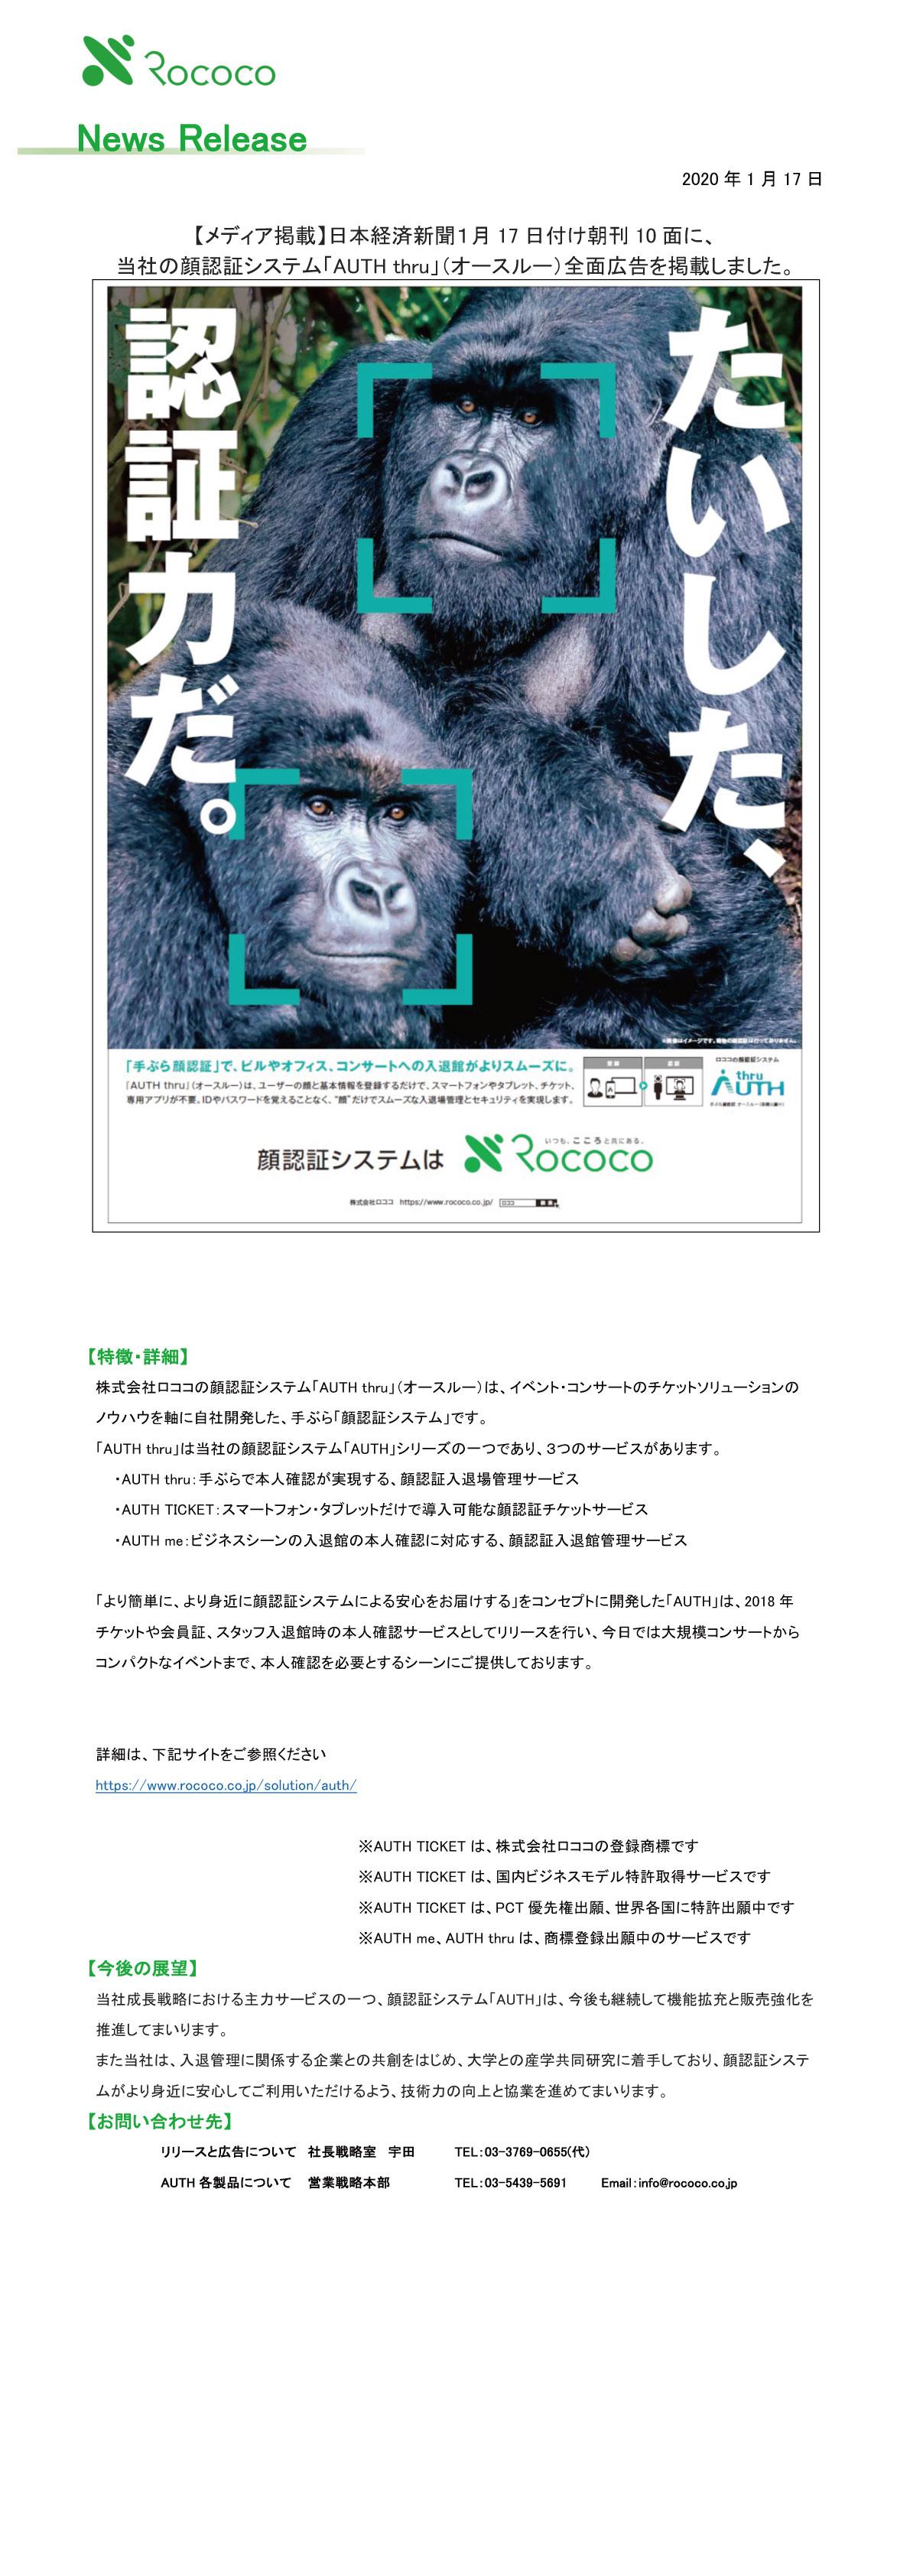 【メディア掲載】日本経済新聞1月17日付け朝刊10面に、当社の顔認証システム「AUTH thru」(オースルー)全面広告を掲載しました。